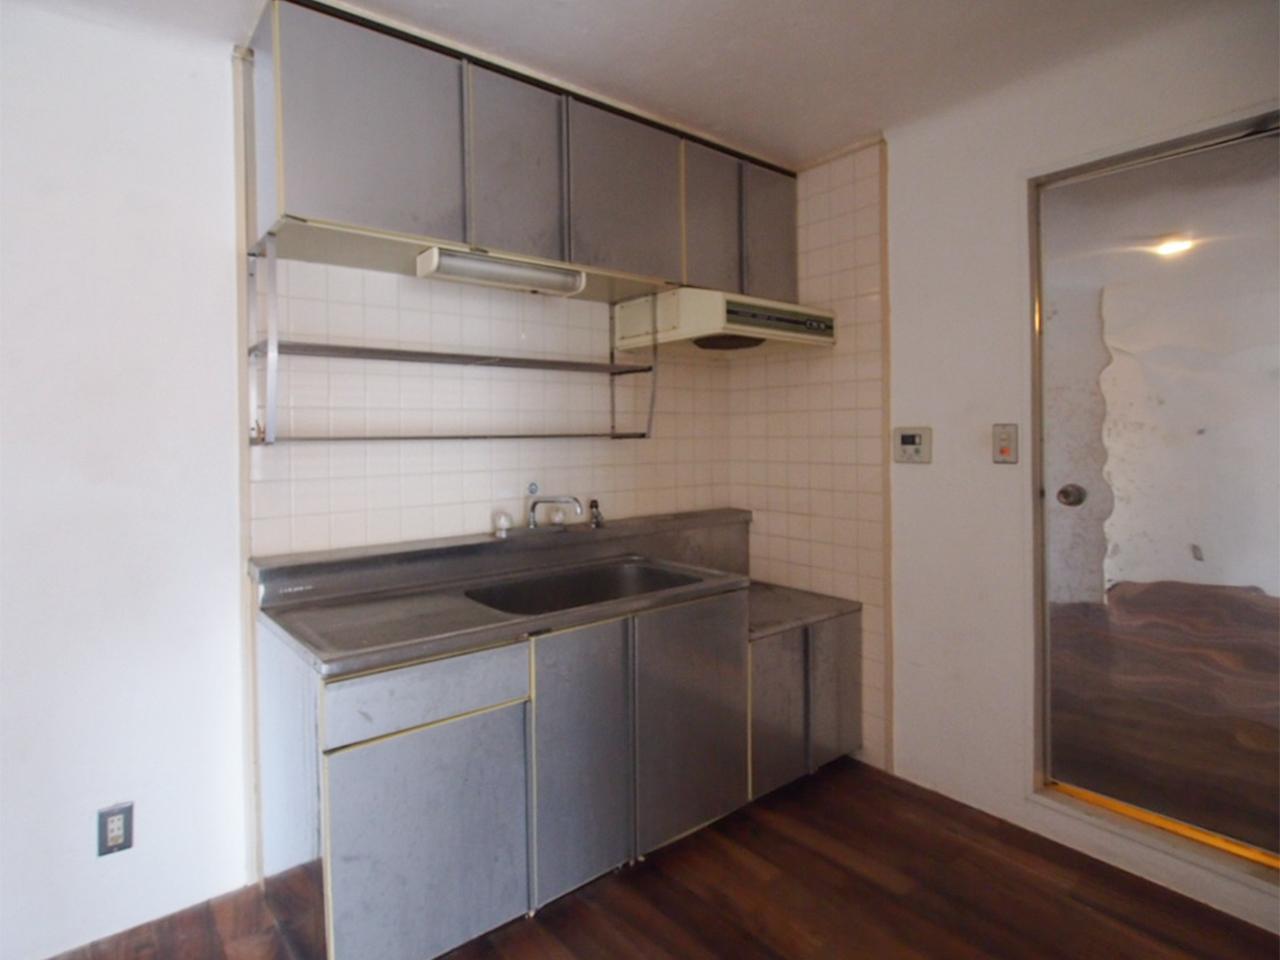 ステンレスでリメイクされてたキッチン